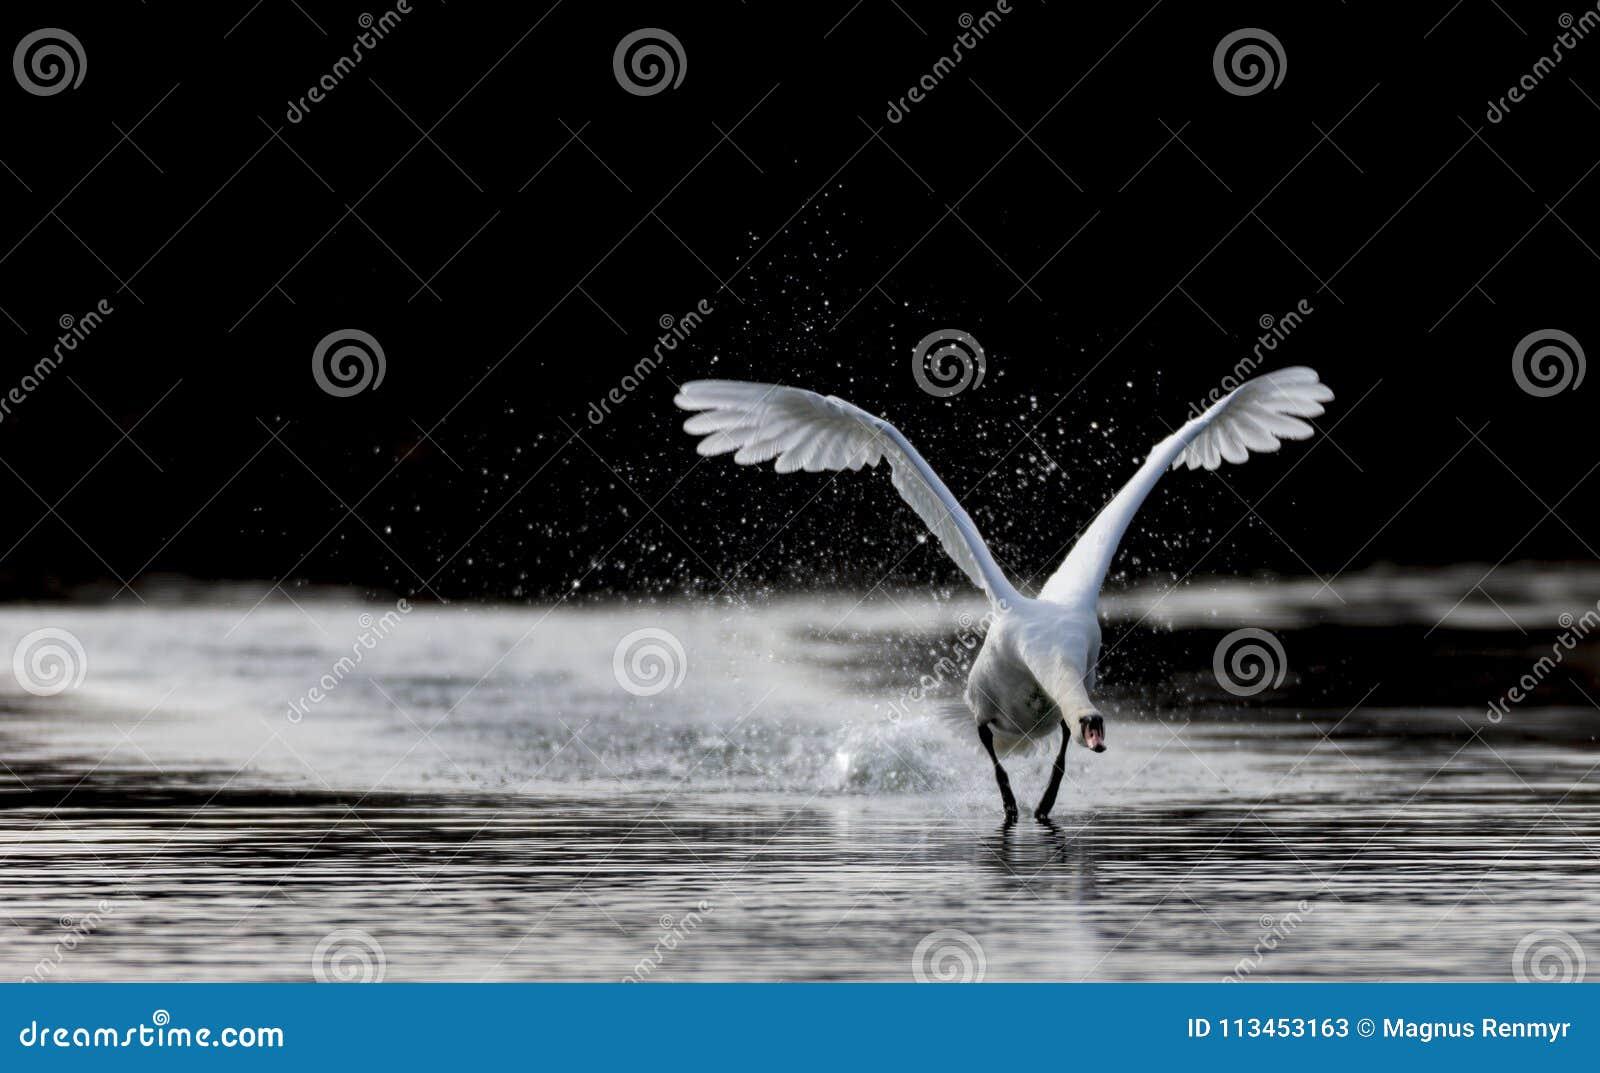 officiella foton första kurs varm försäljning Mute Swan Performing In Swanlake Stock Image - Image of sverige ...